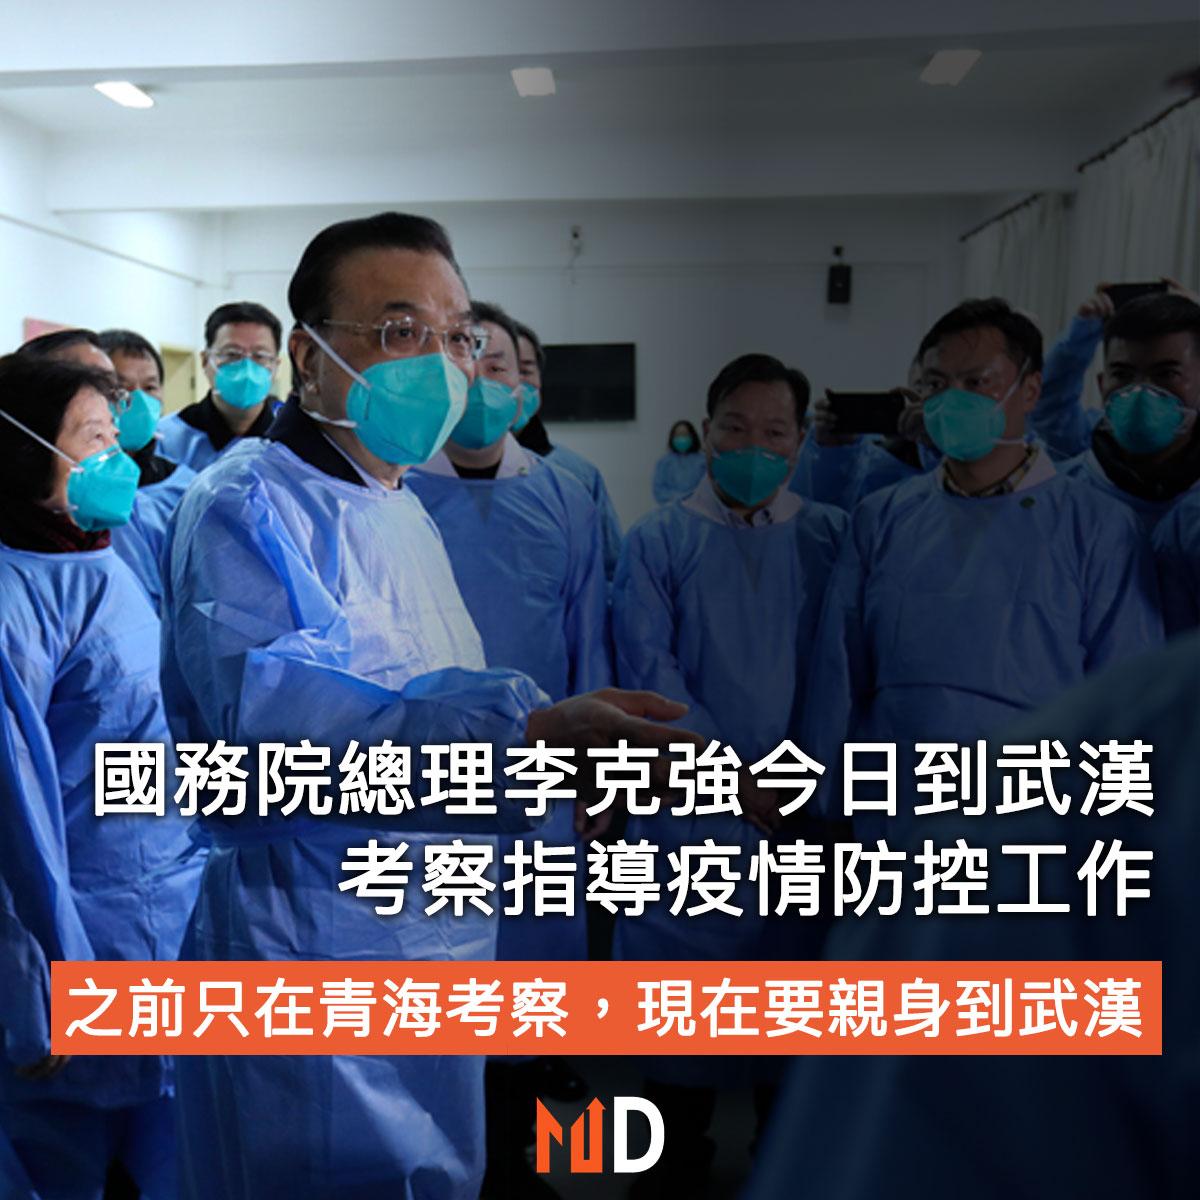 【市場熱話】國務院總理李克強今日到武漢考察指導疫情防控工作